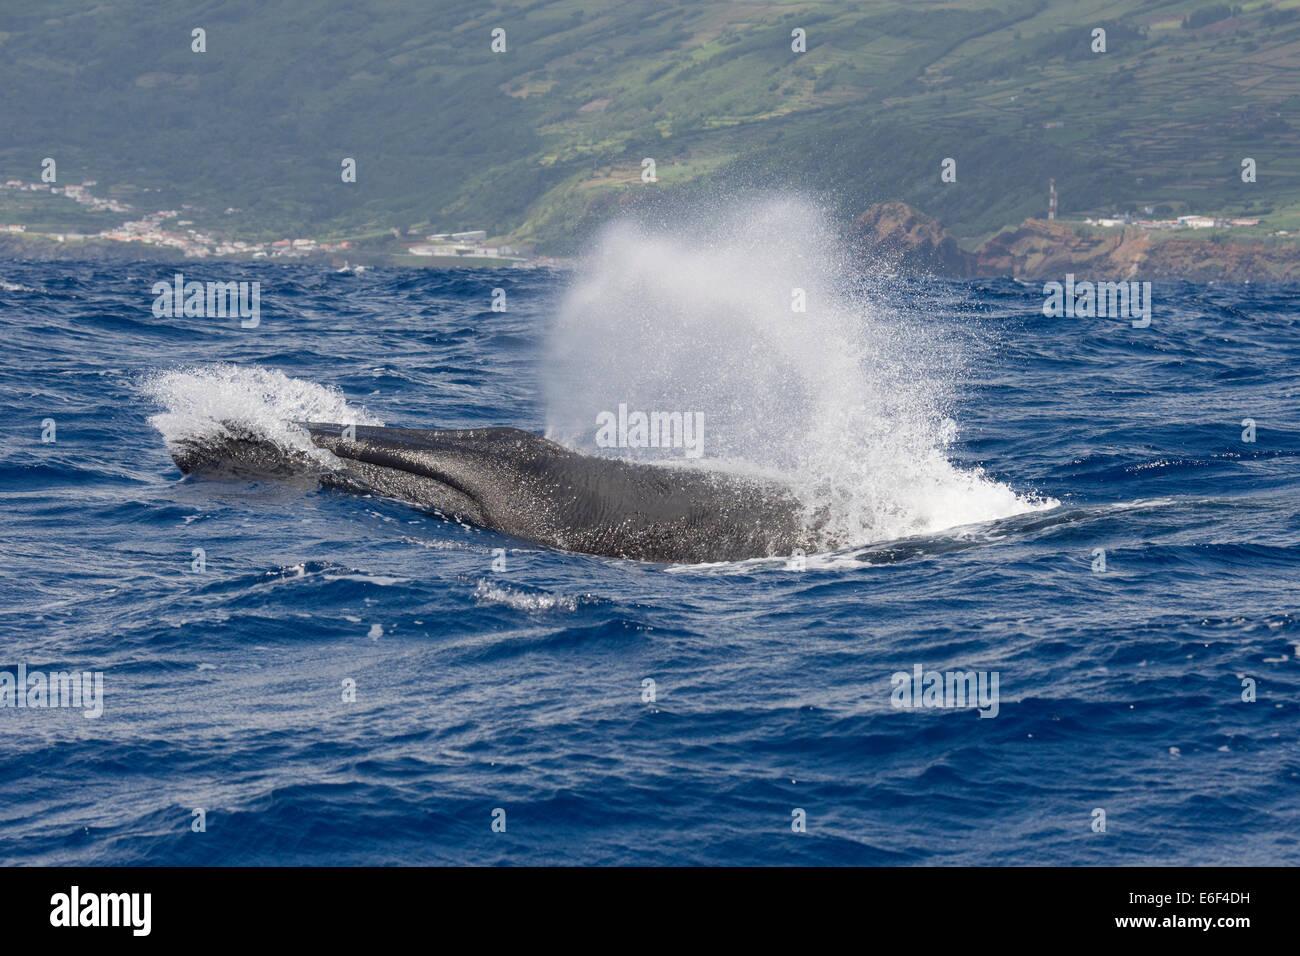 Ballena de Aleta, Balaenoptera physalus, surgiendo a gran velocidad en olas grandes, cerca del Pico, Azores, Océano Atlántico. Foto de stock